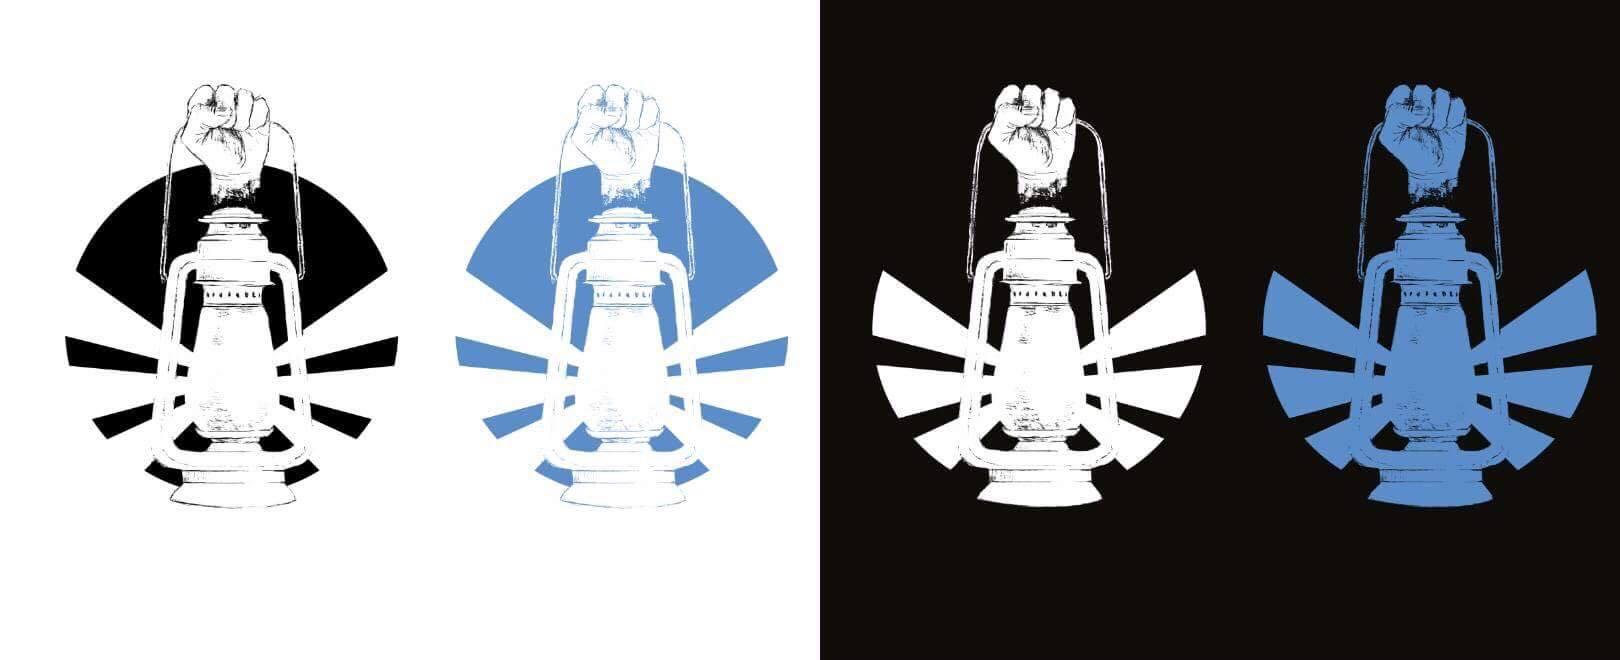 SOPM-Logo-Final-2017-03-03-Variations.jpg